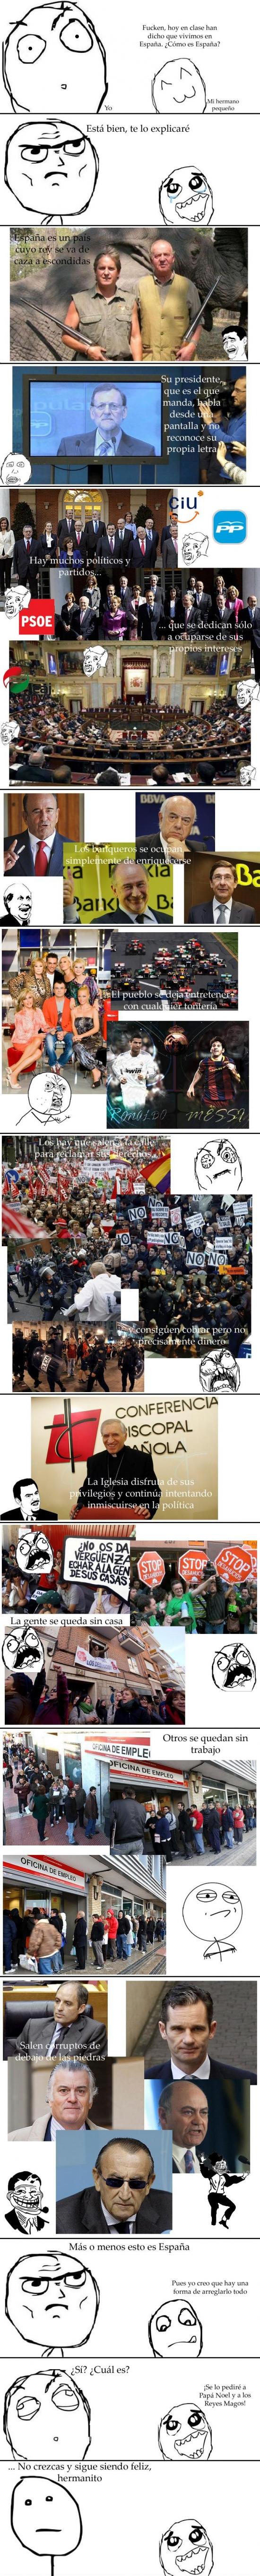 Corrupción,Desahucios,España,Iglesia,Paro,Políticos,Rajoy,Rey